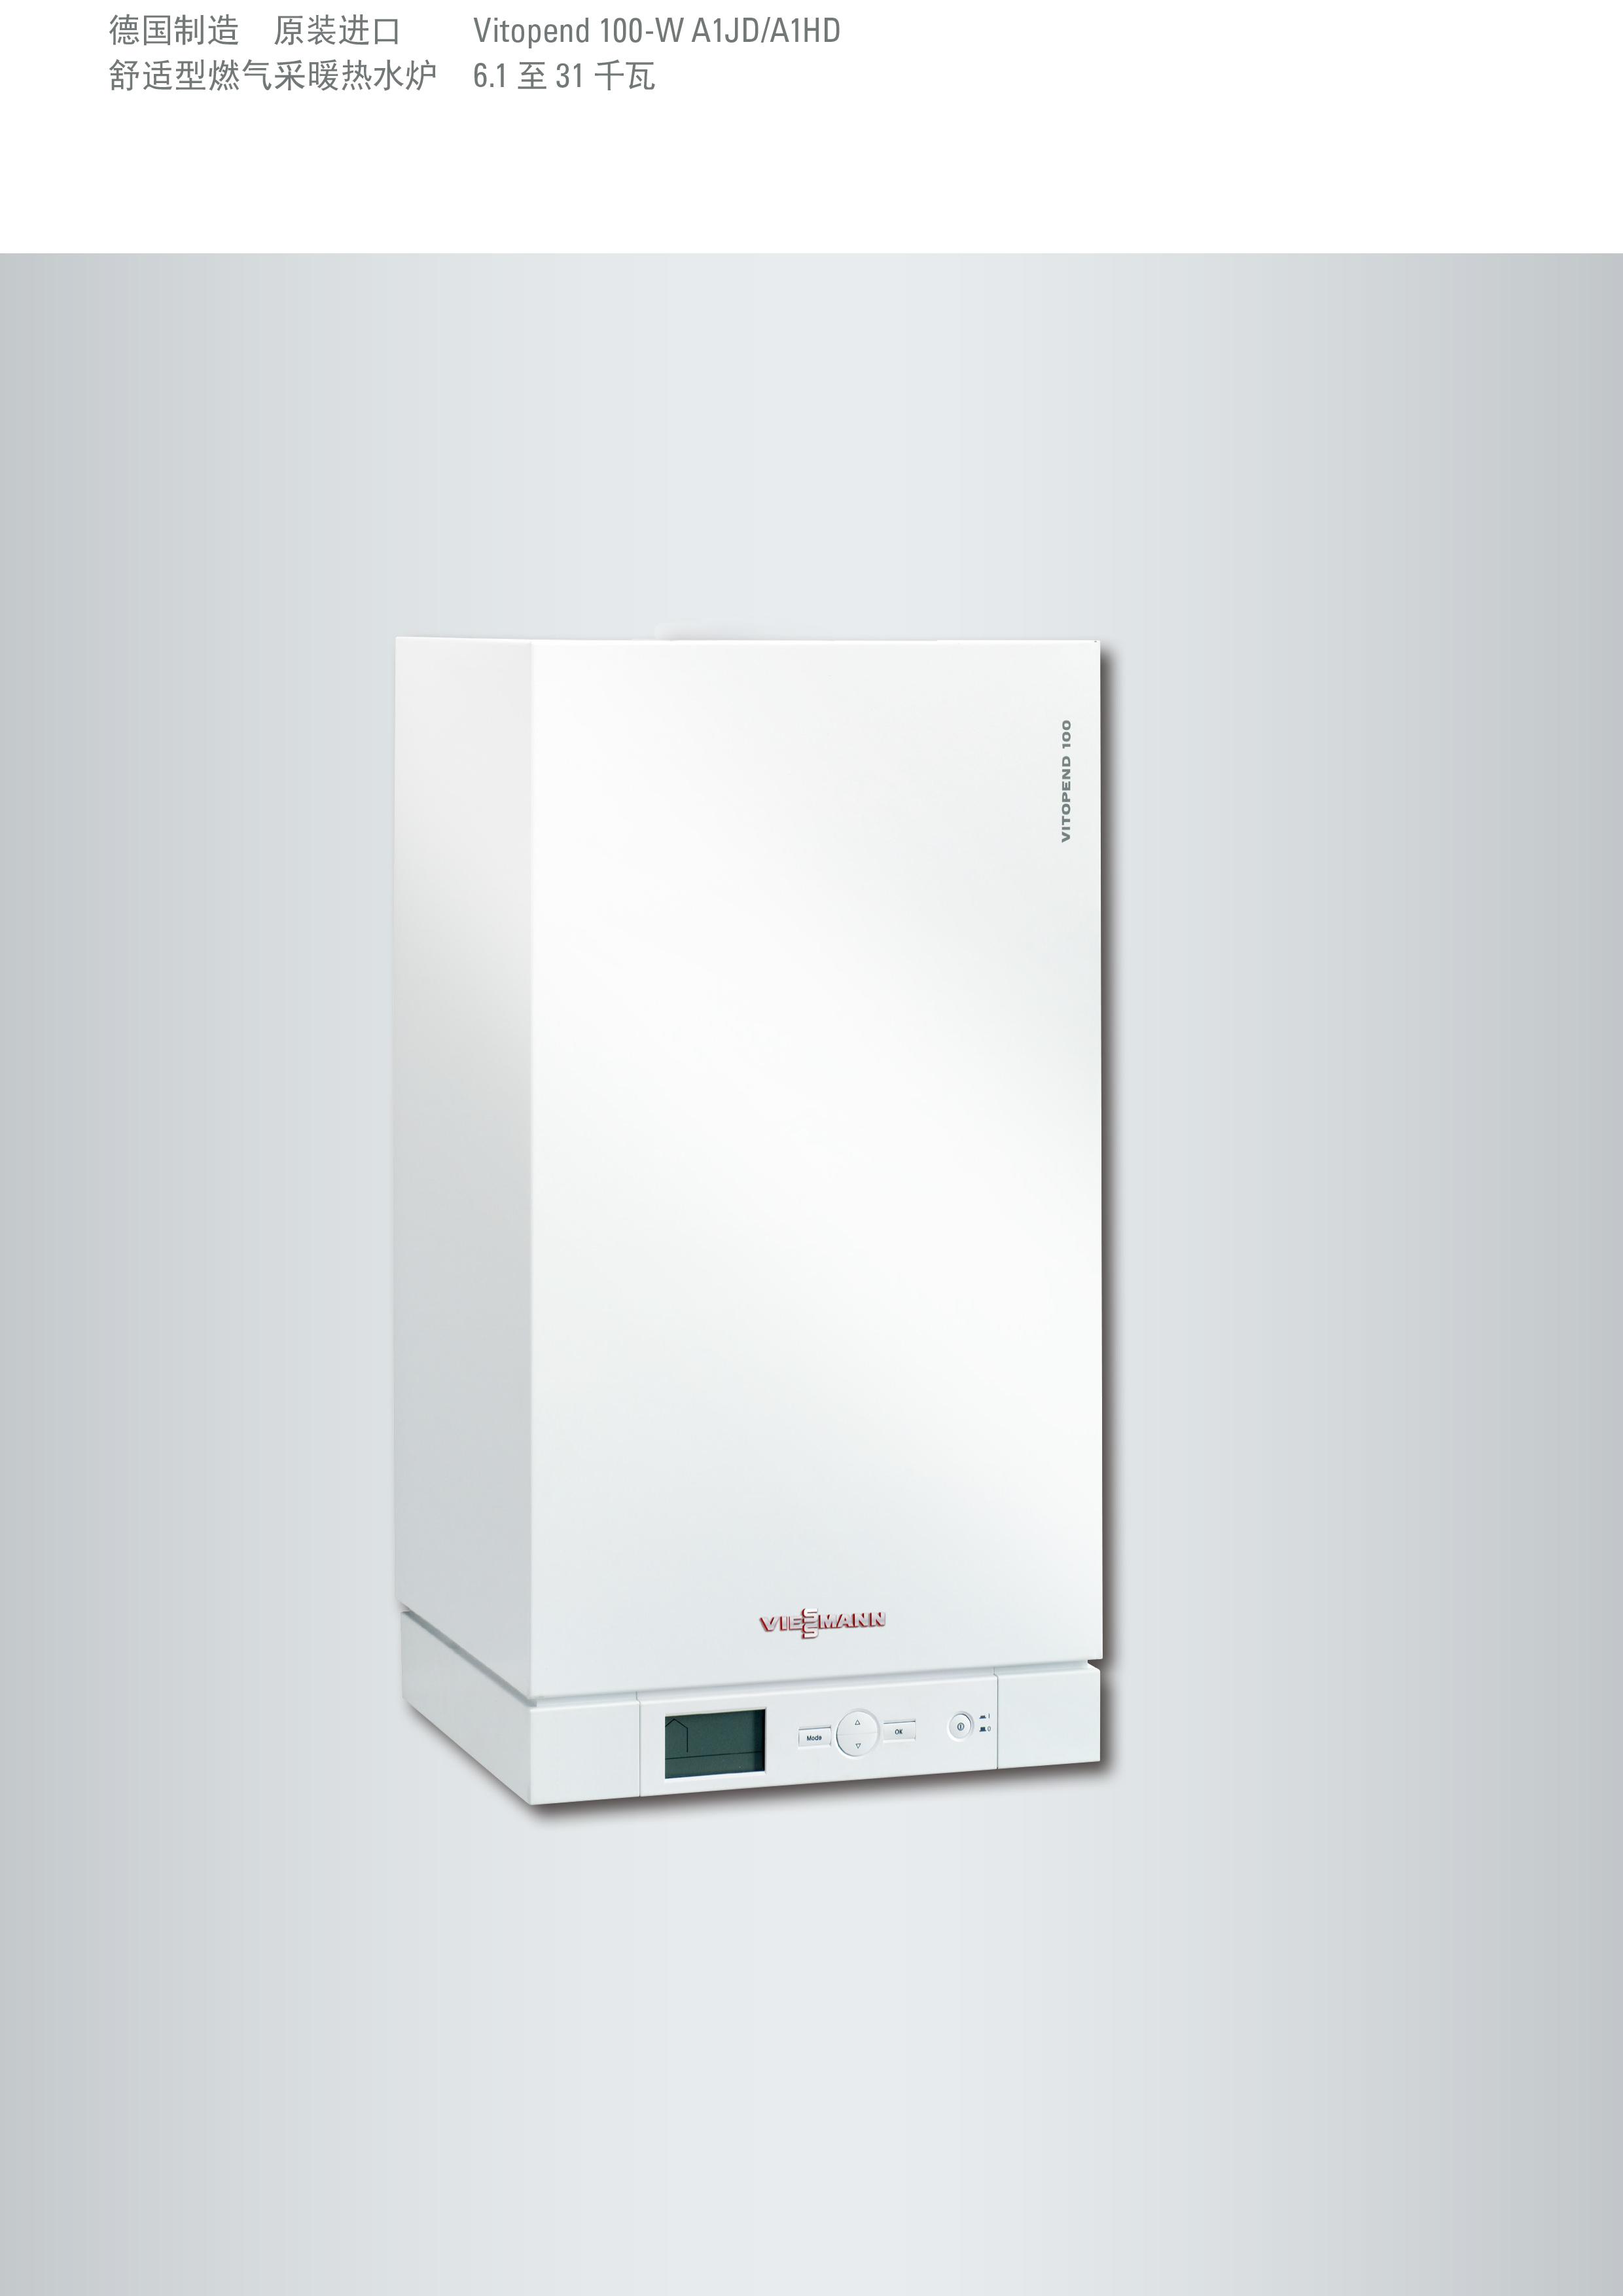 菲斯曼舒适型燃气采暖热水炉